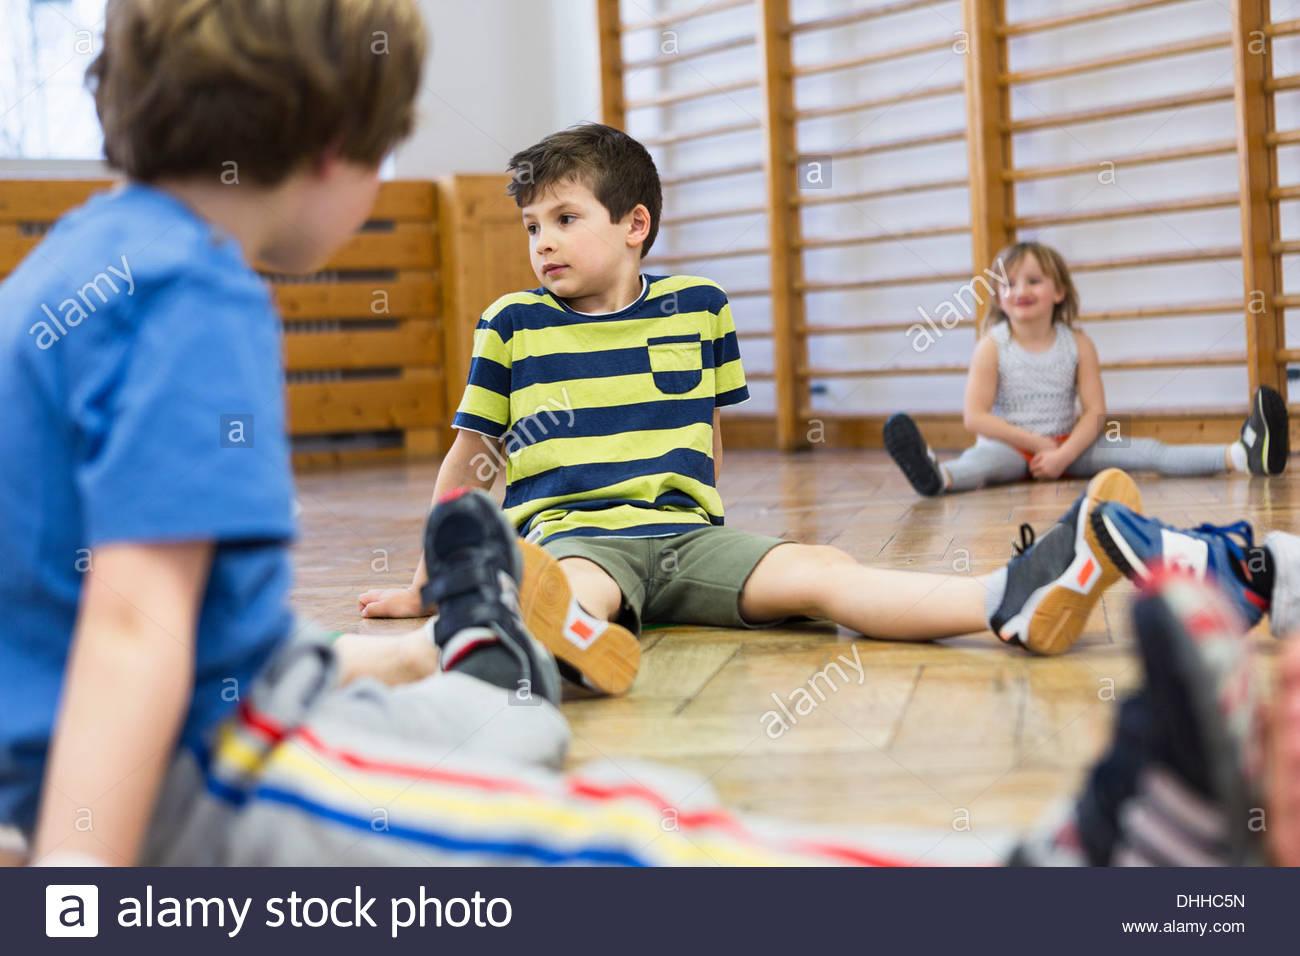 Kinder sitzen auf Holzboden, gespreizten Beinen Stockbild